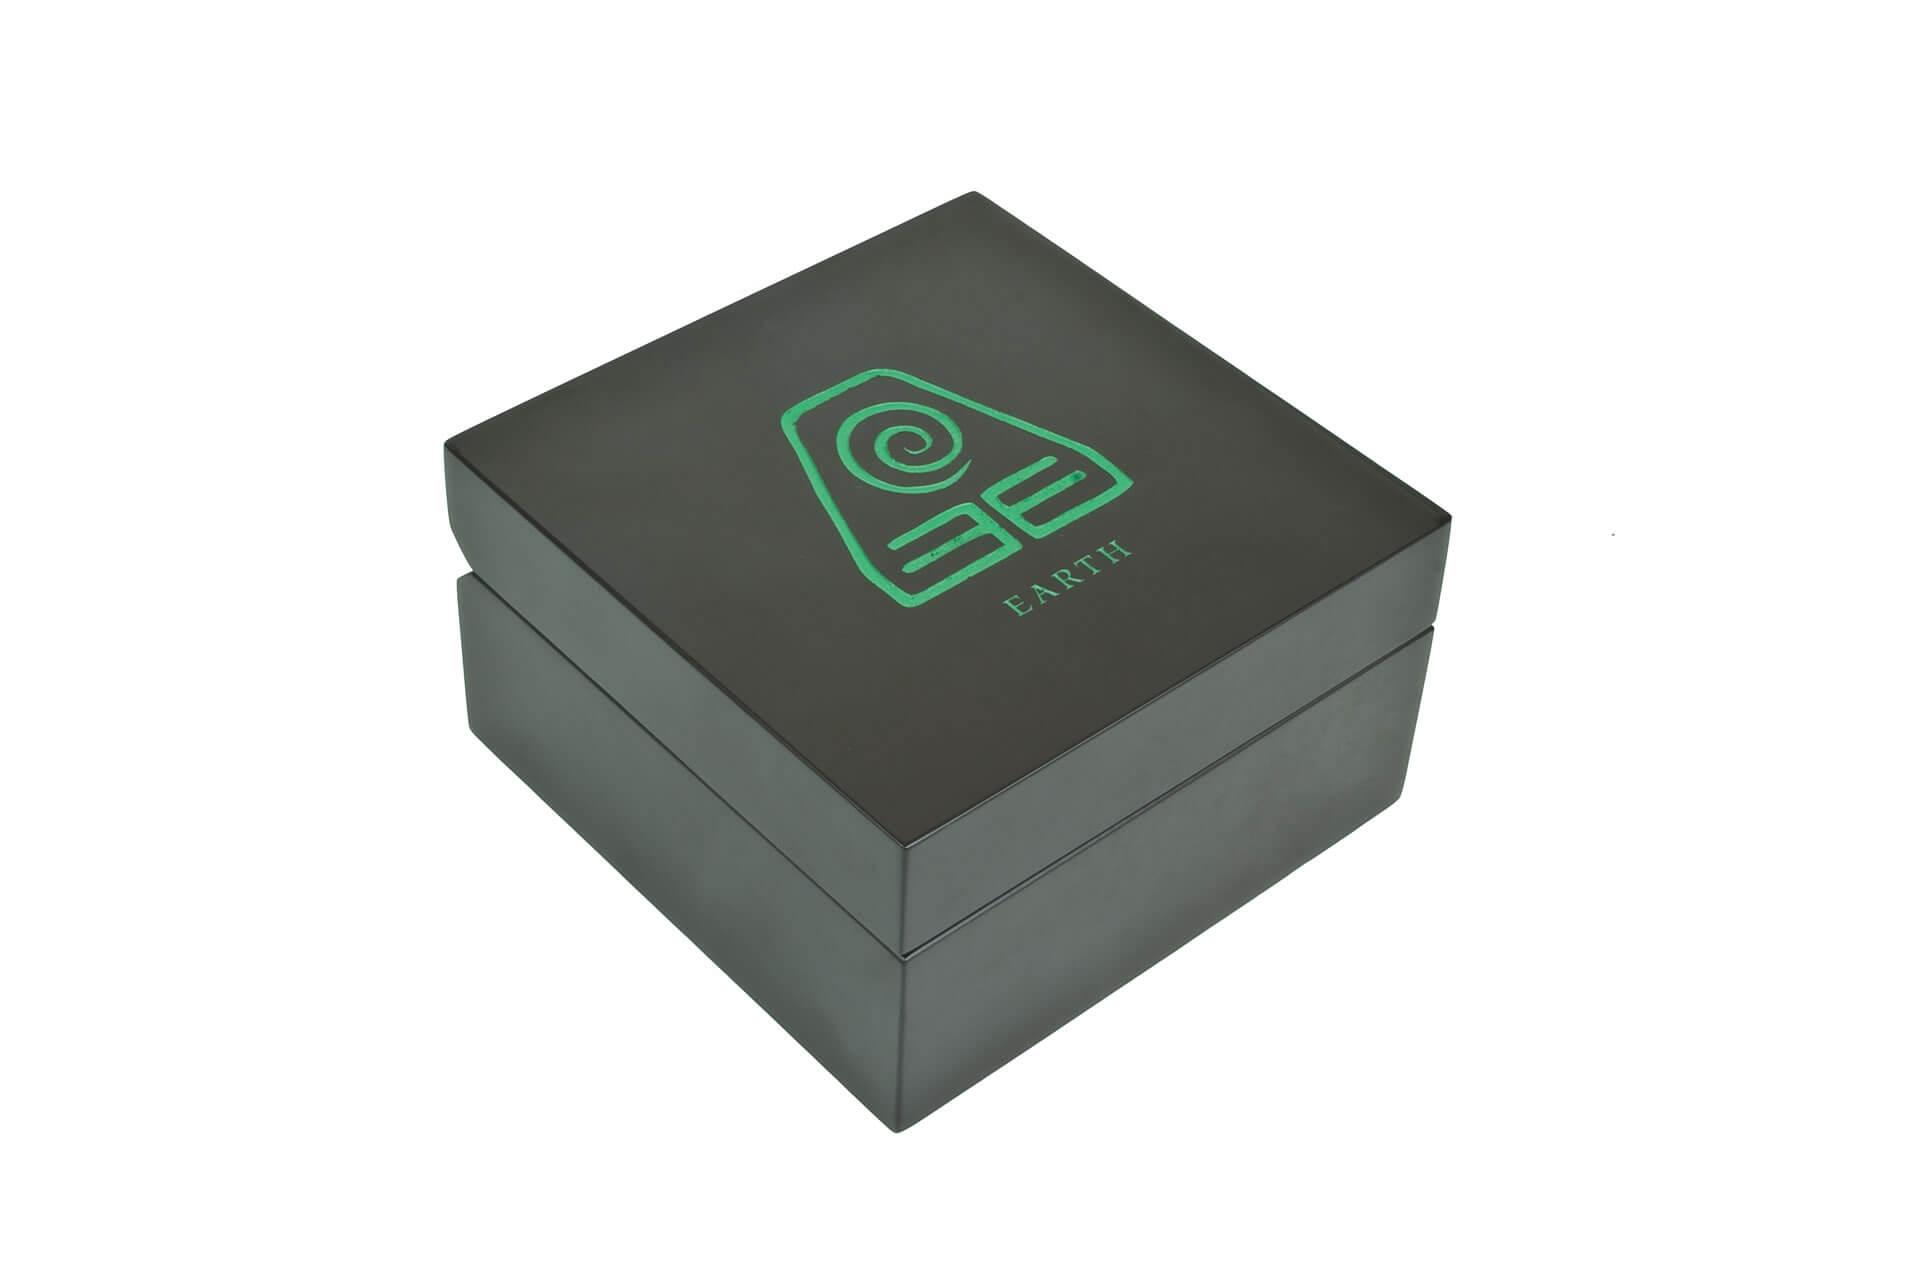 bespoke wooden car wax packaging laser engraved green infill